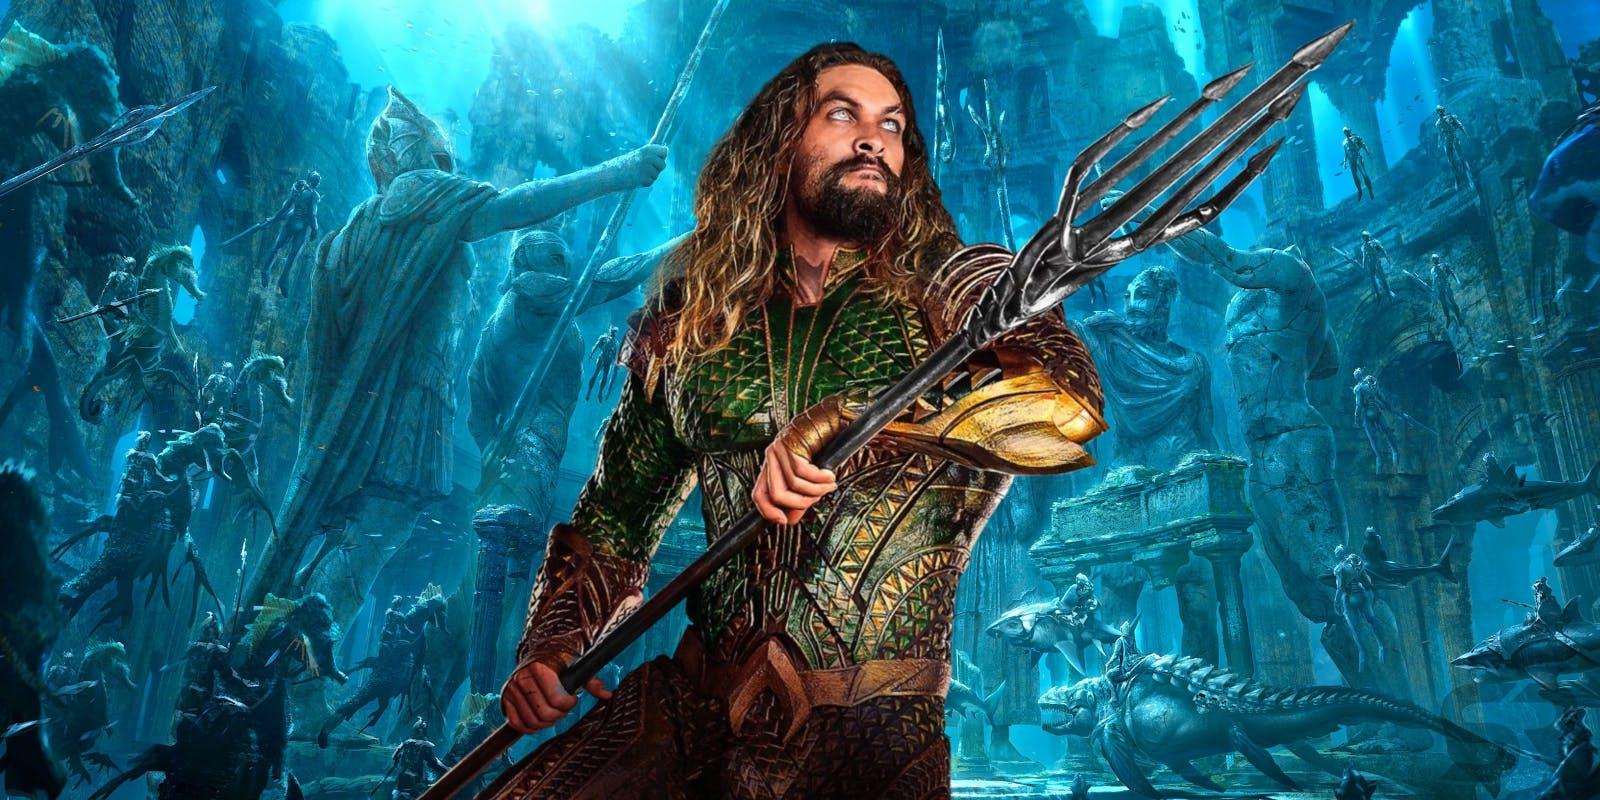 Aquaman cruza $ 500 millones en la taquilla mundial